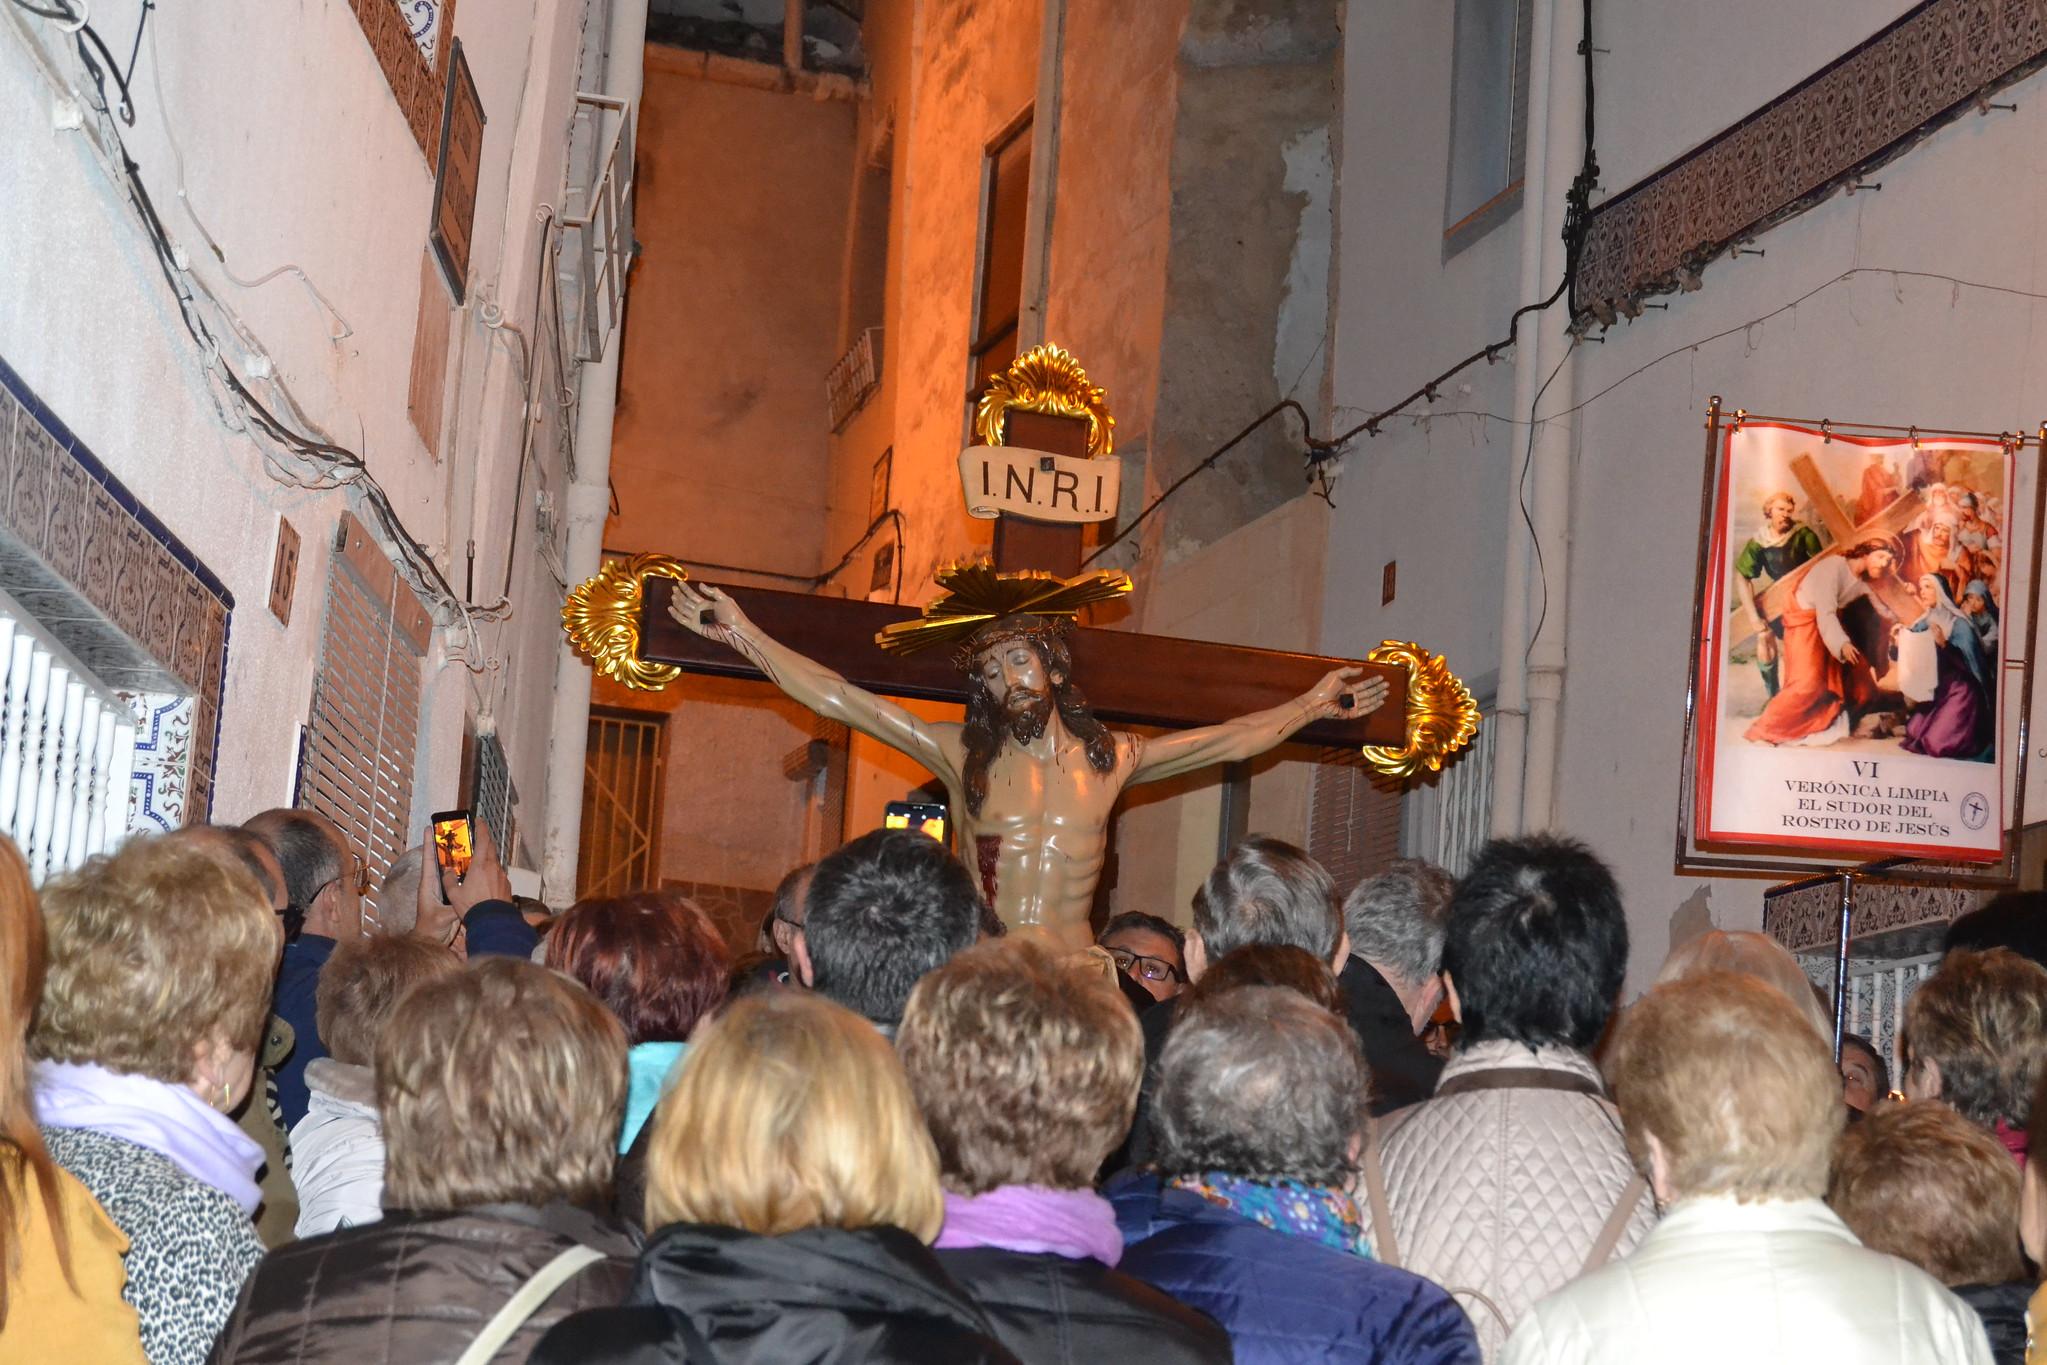 (2019-04-12) - X Vía Crucis nocturno - Diario El Carrer (09)